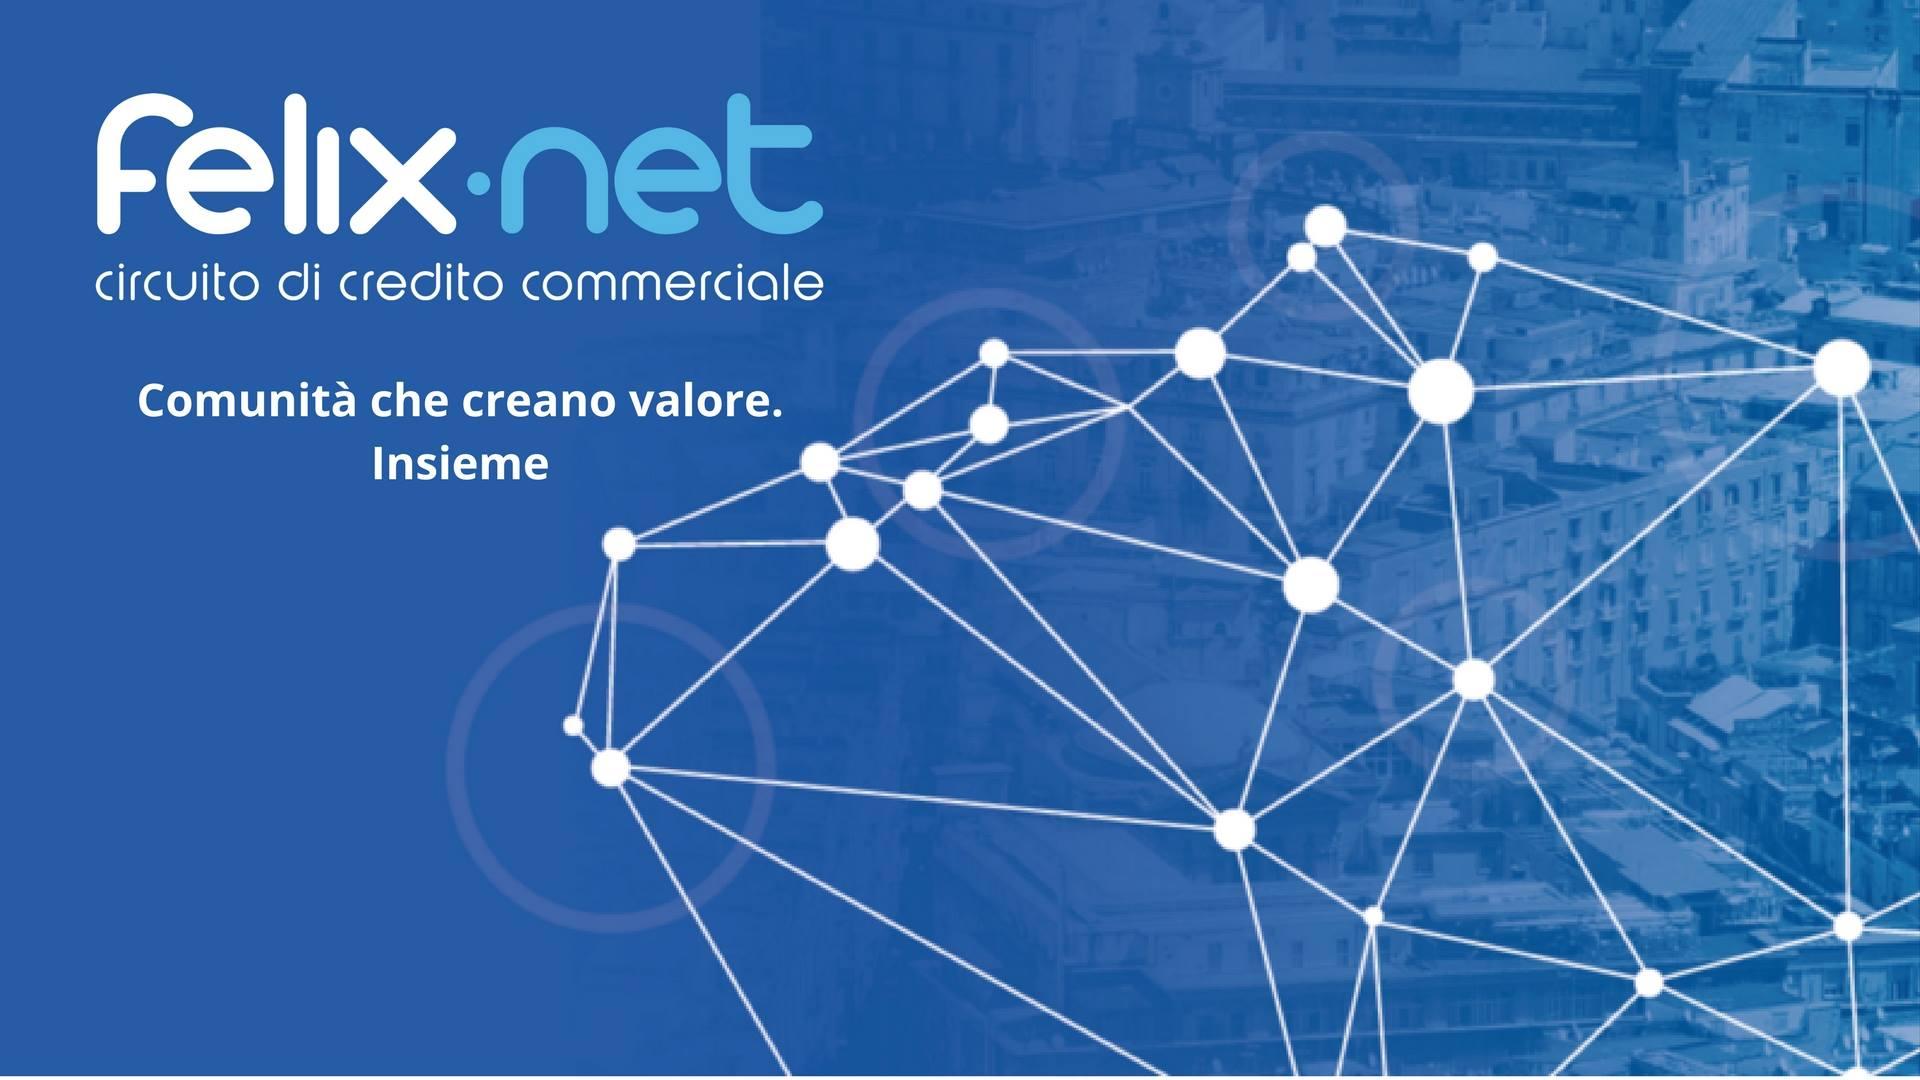 Circuito Felix è un circuito di credito commerciale della Campania e del Molise dove gli imprenditori si scambiano beni e servizi utilizzando il Felix, la moneta alternativa autorizzata dalla Banca d'Italia